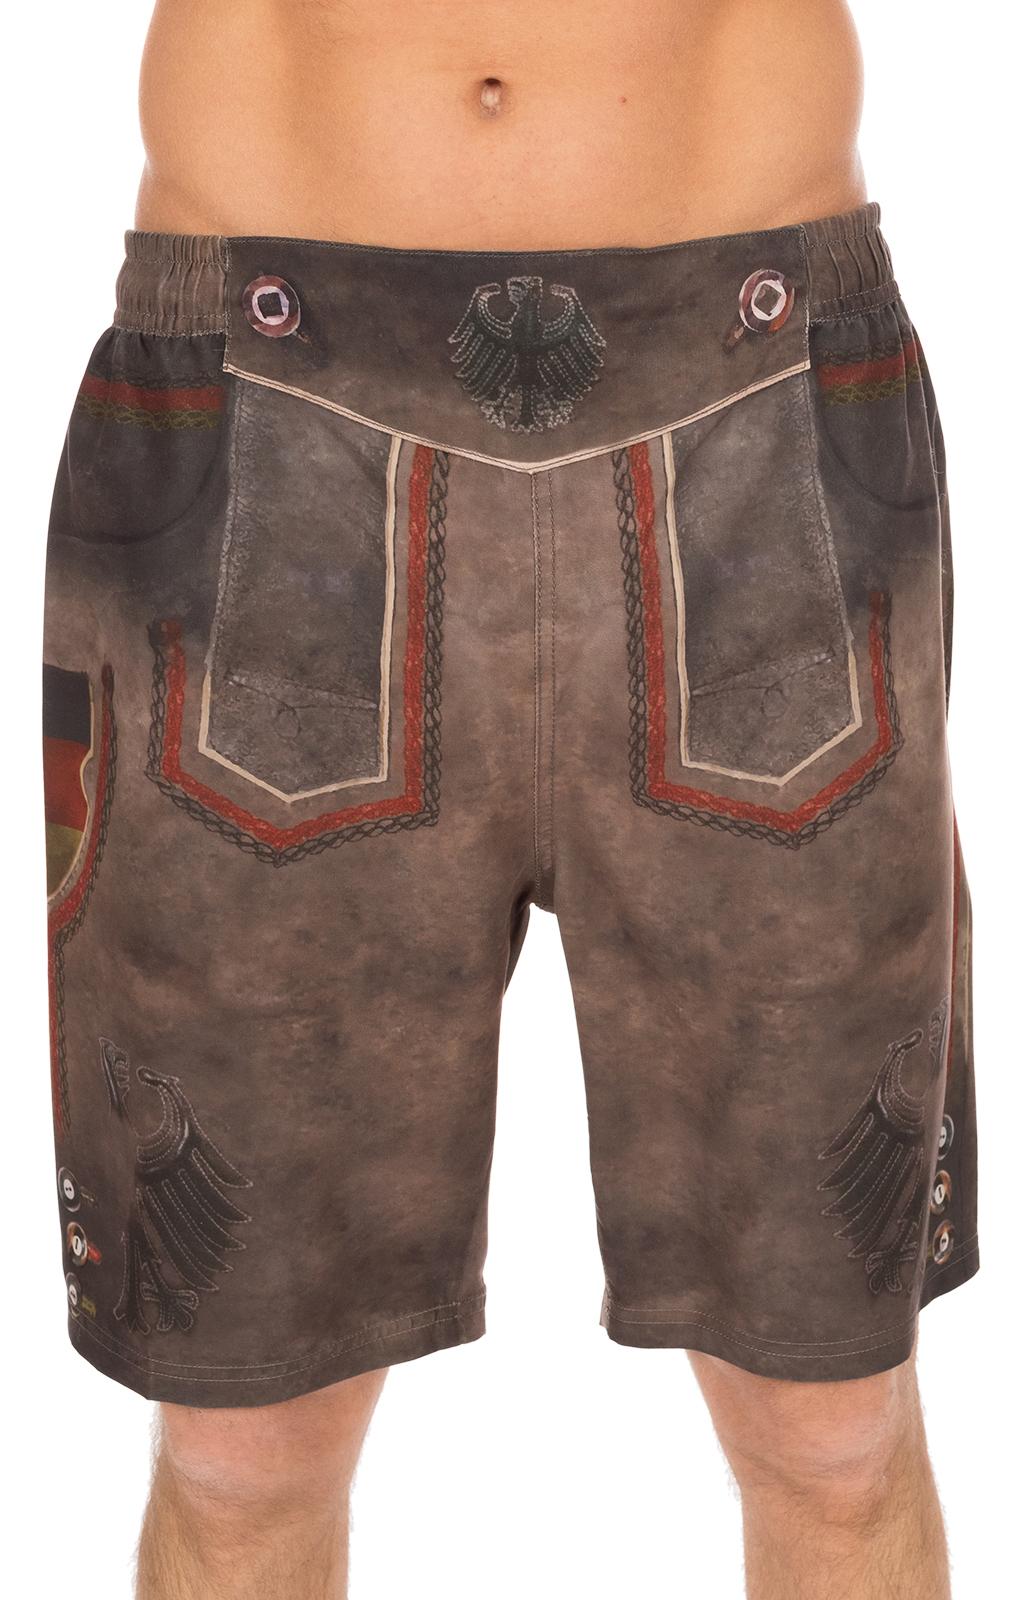 Bathing shorts men 94668-7 brown von Krüger Dirndl